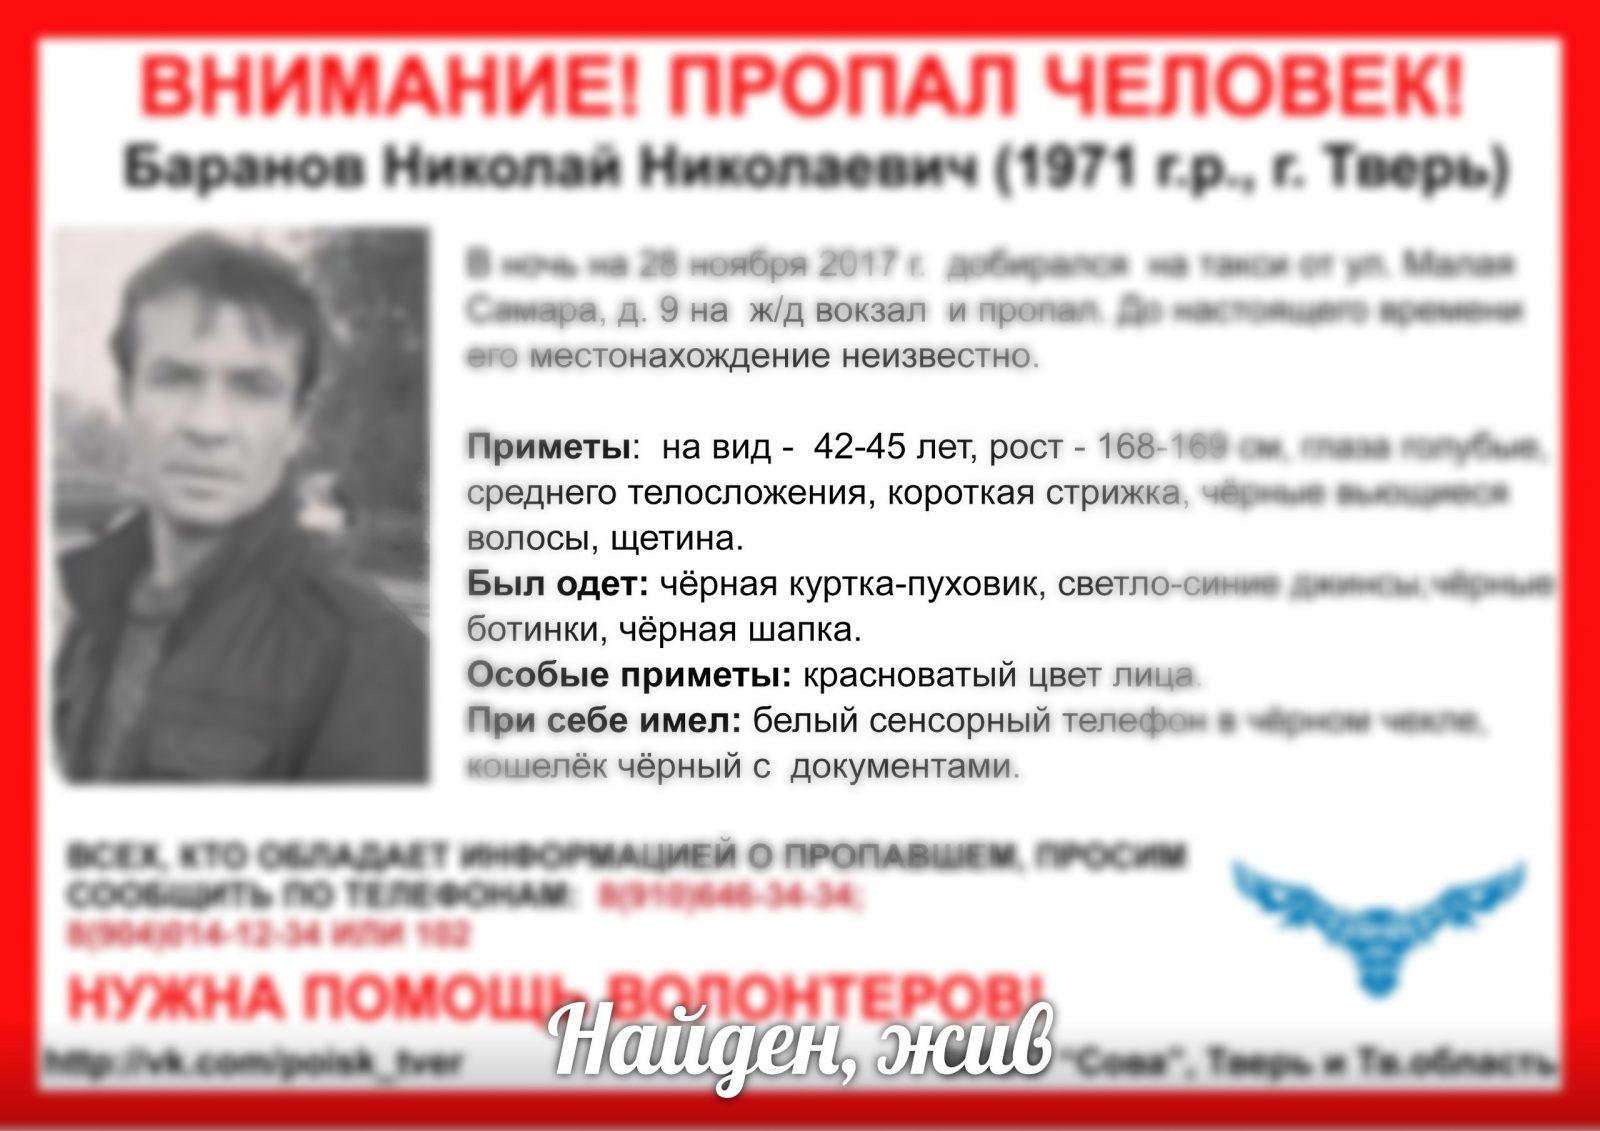 [Жив] Пропал Баранов Николай Николаевич (1971 г.р.)